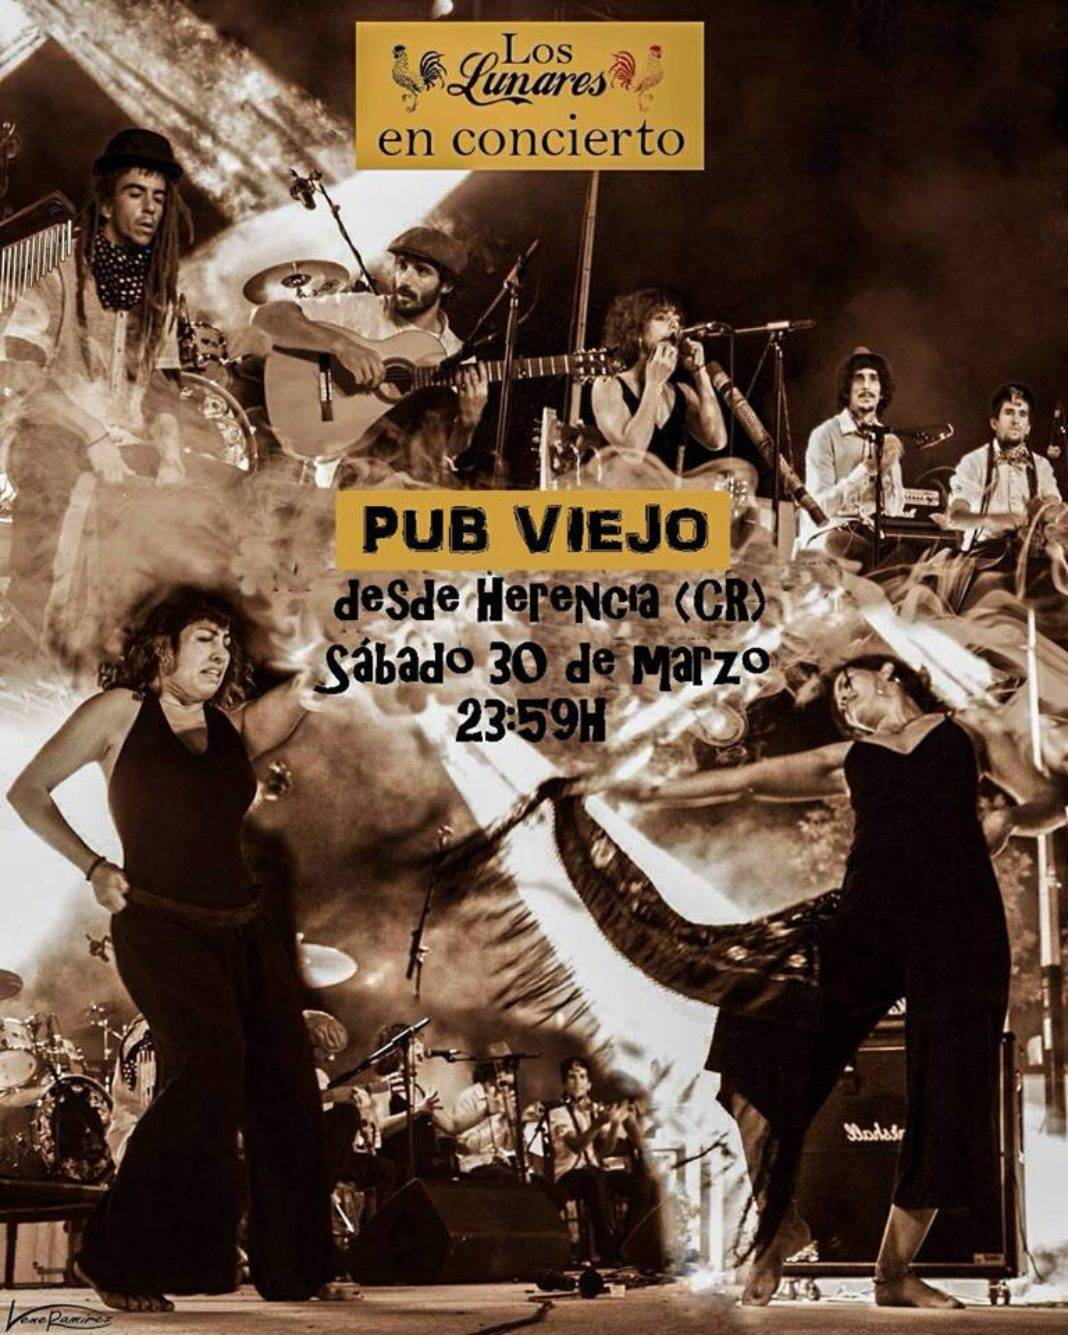 Los Lunares llevan su flamenco manchego hasta Ledeña (Cuenca) 4